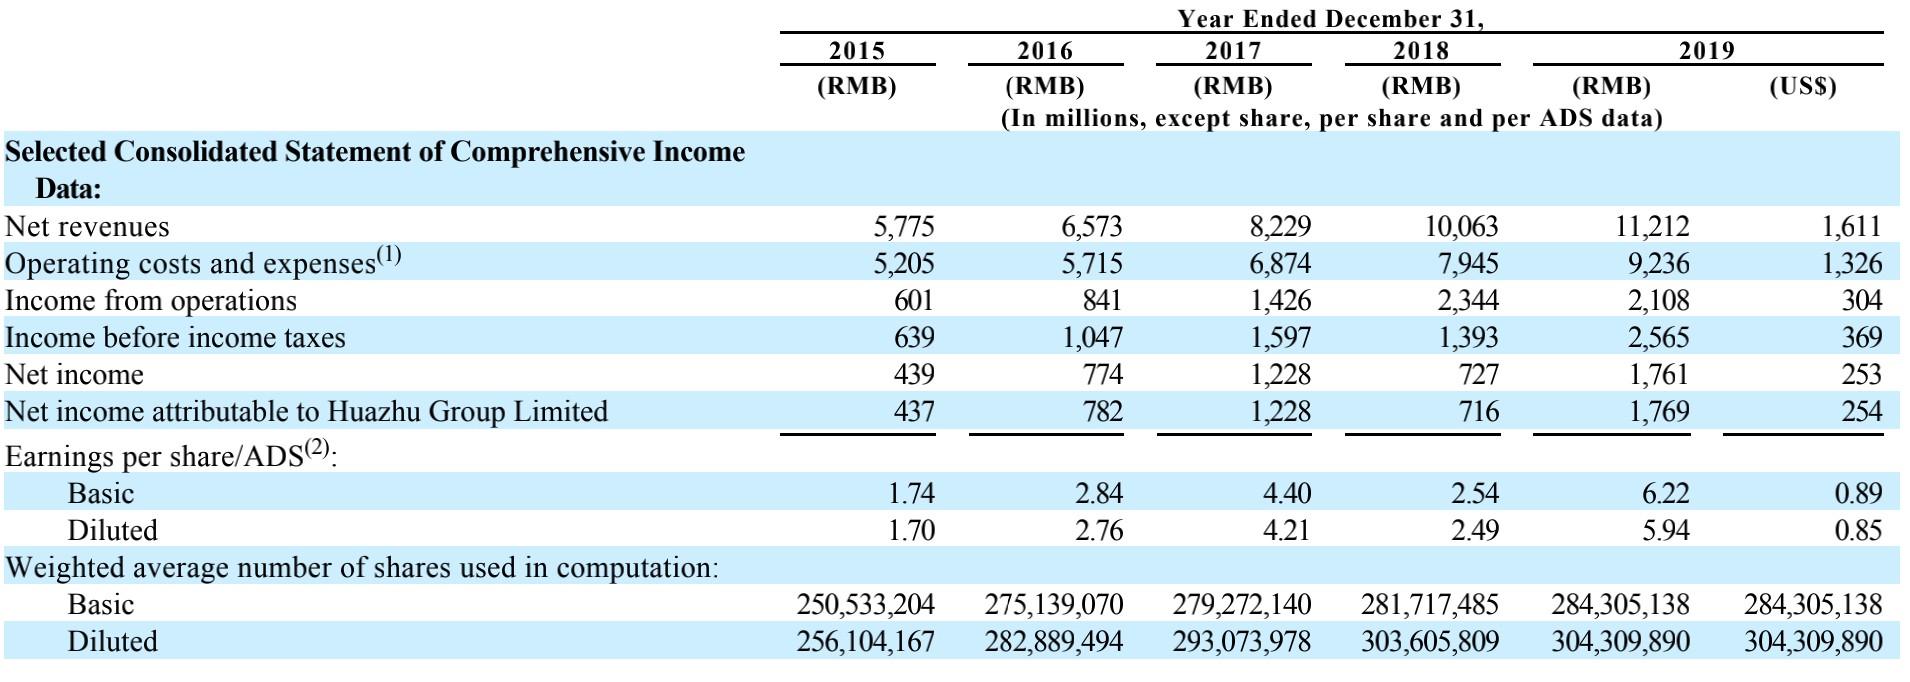 华住(HTHT.US)公布2019年报:净利润同比增长142%,董事长季琦持股微降0.4%